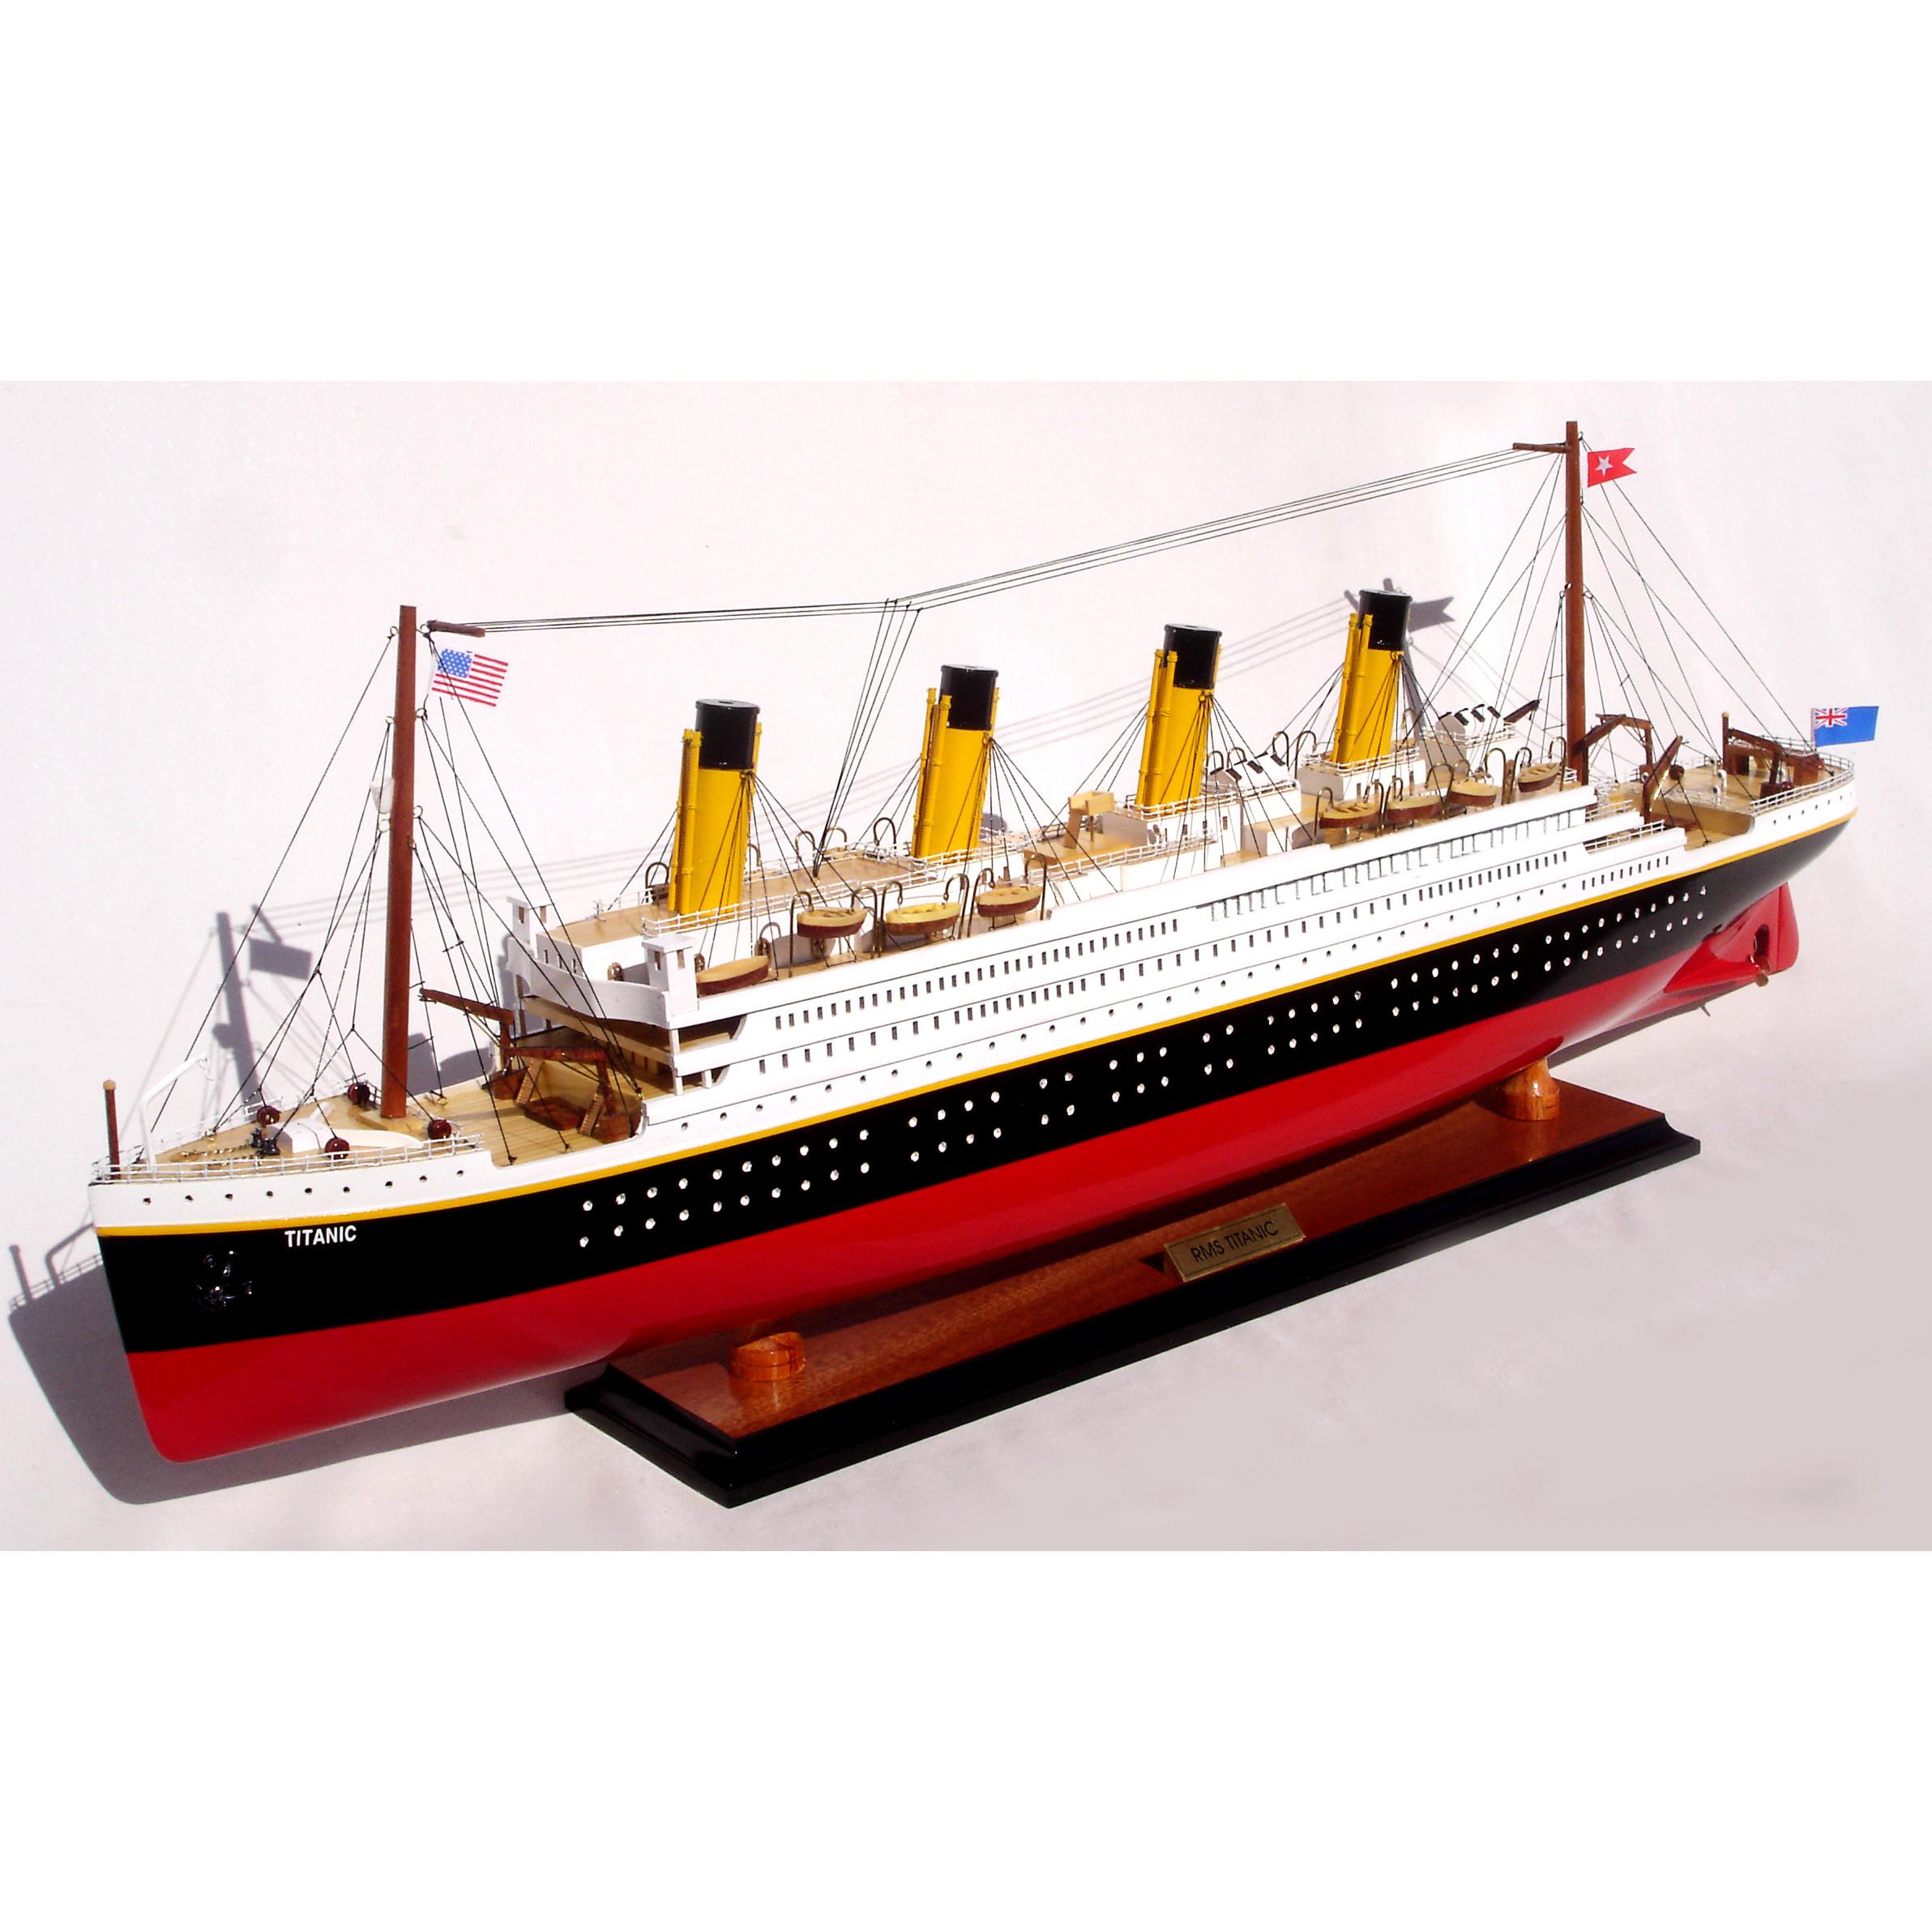 Mô hình thuyền du lịch RMS TITANIC